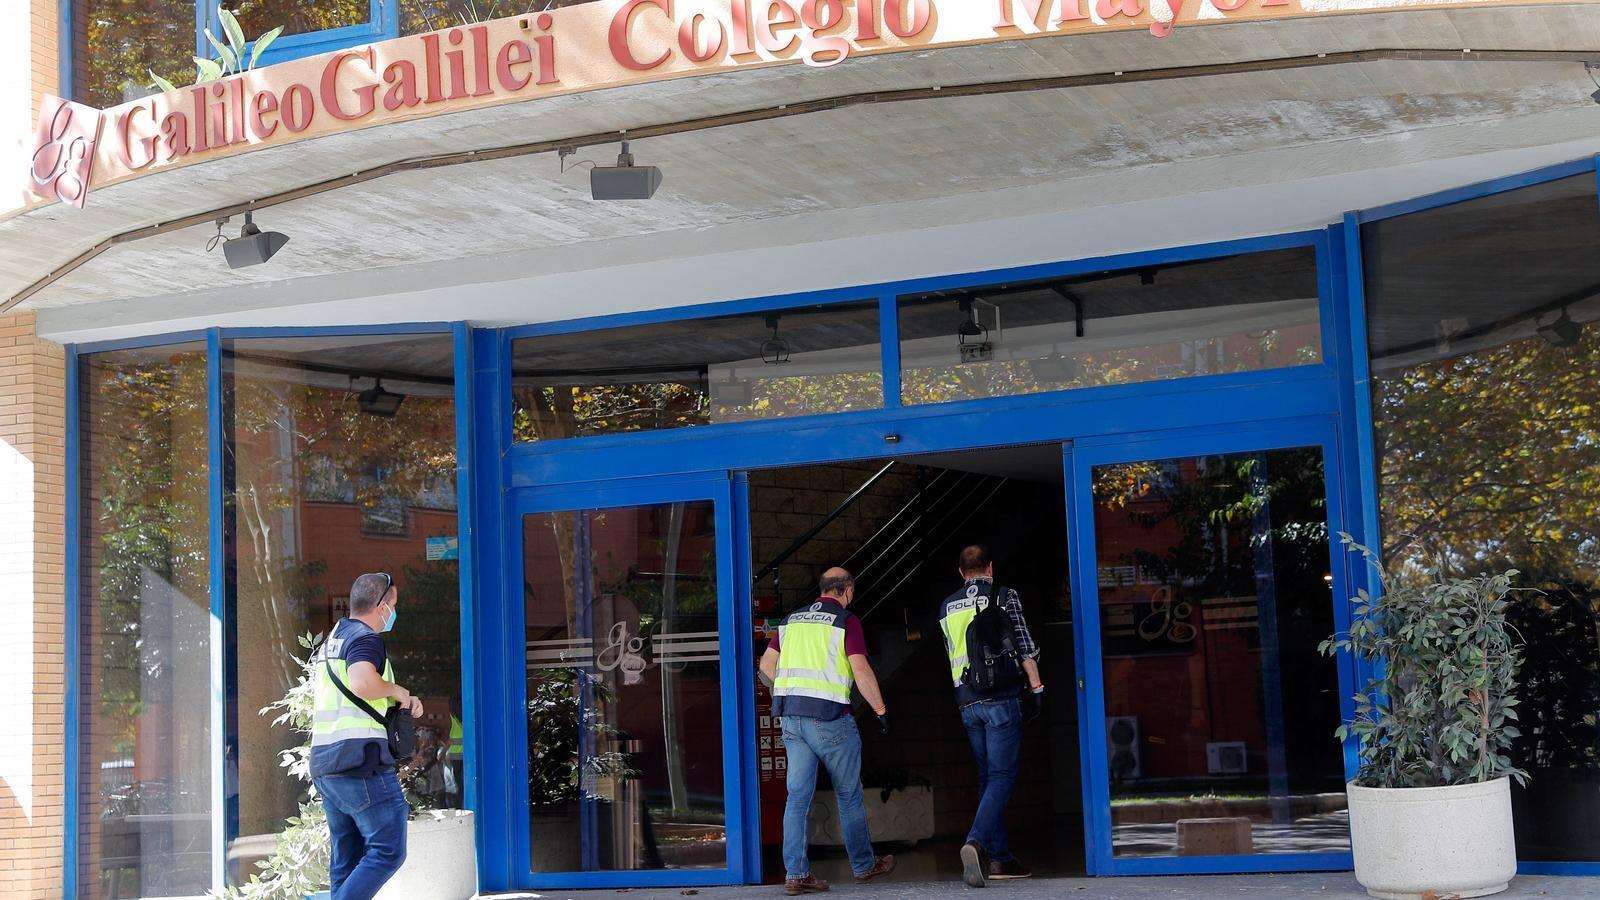 Agents de la Policia Autonòmica s'han personat al col·legi major Galileo Galilei de València per obrir diligències pel brot presumptament vinculat a una festa privada